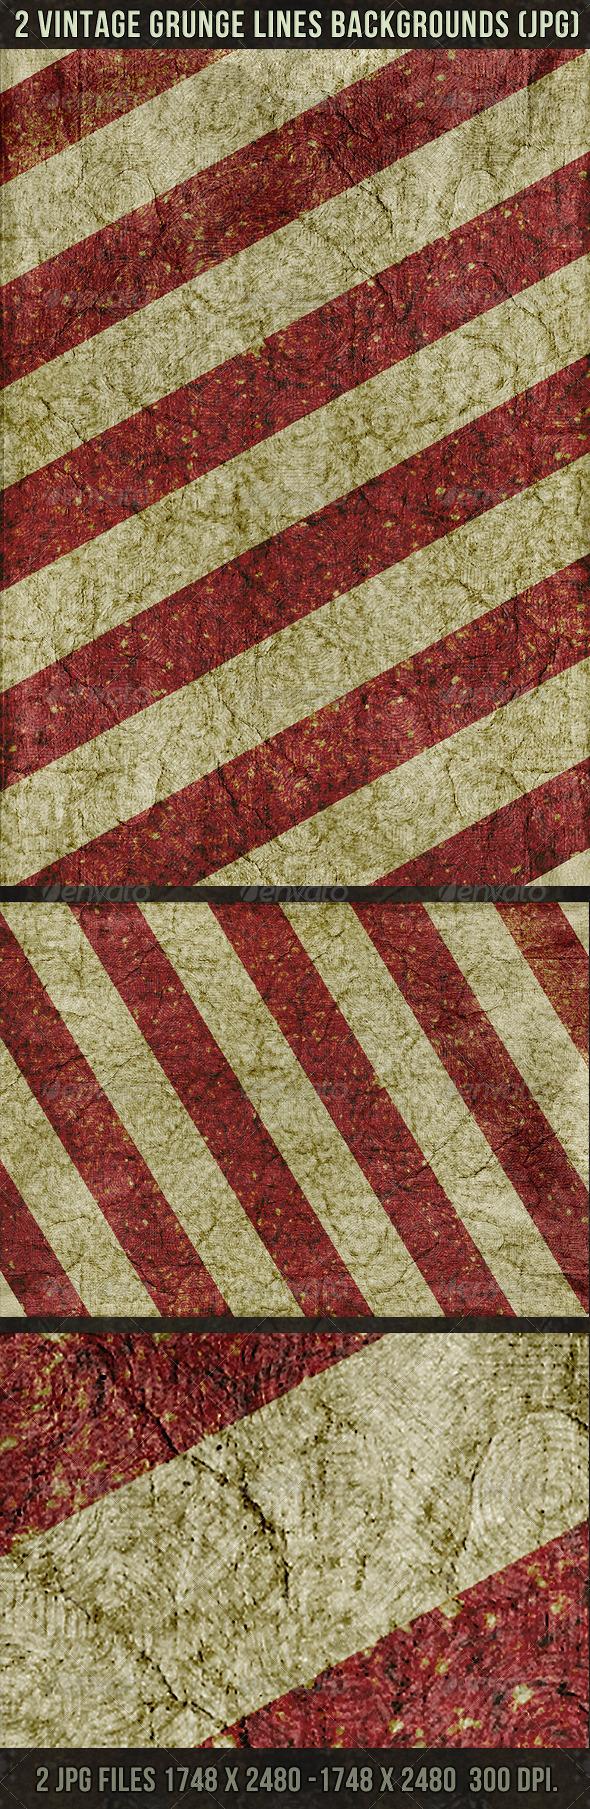 2 Vintage Lines Backgrounds - Urban Backgrounds